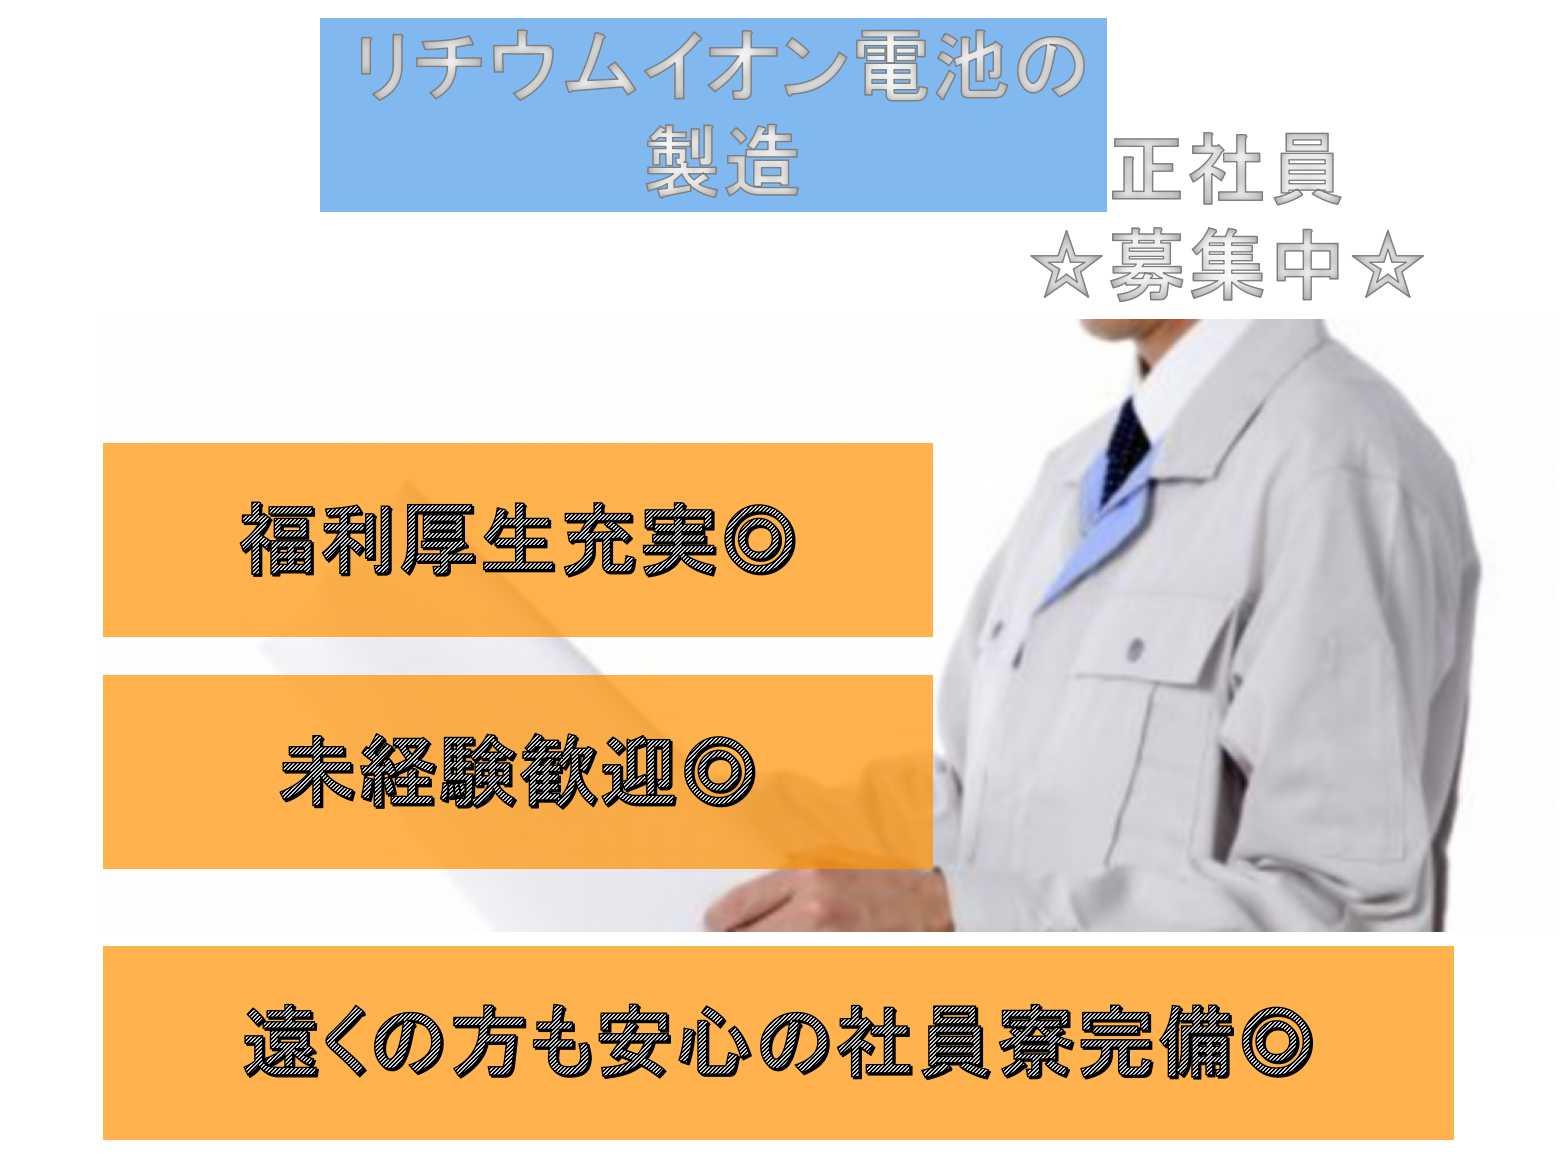 【兵庫県姫路市】社員寮完備◆寮費補助あり◆リチウムイオン電池の製造◆ イメージ